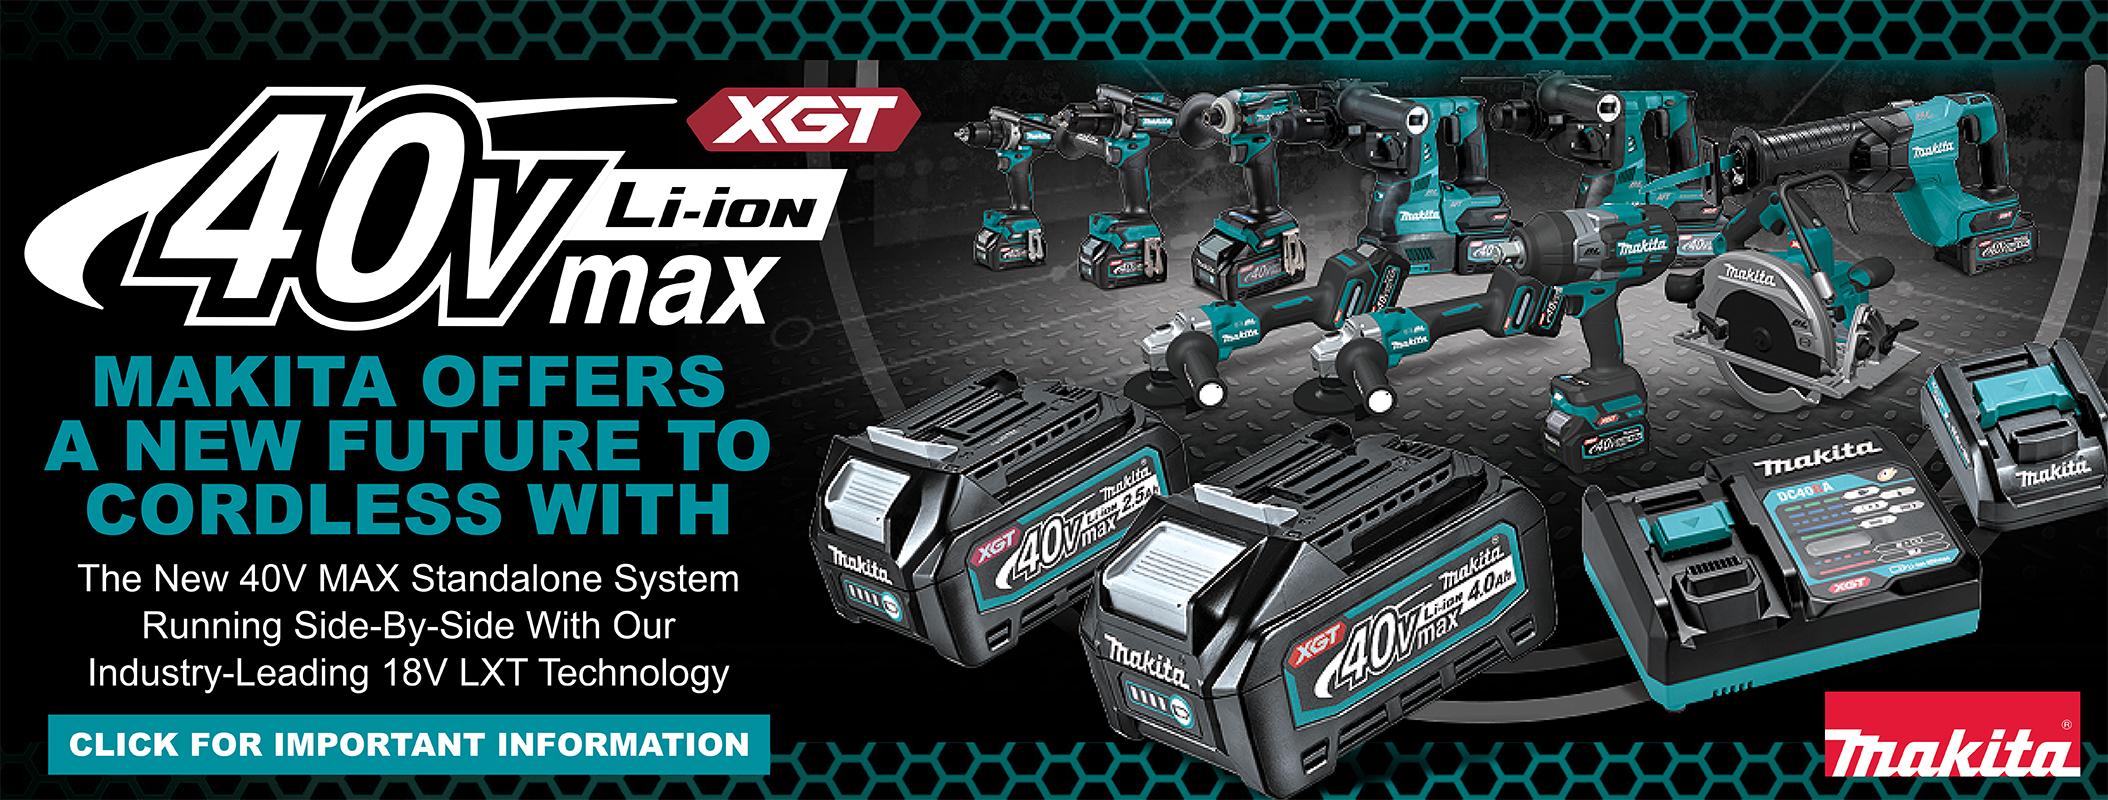 40V MAX XGT